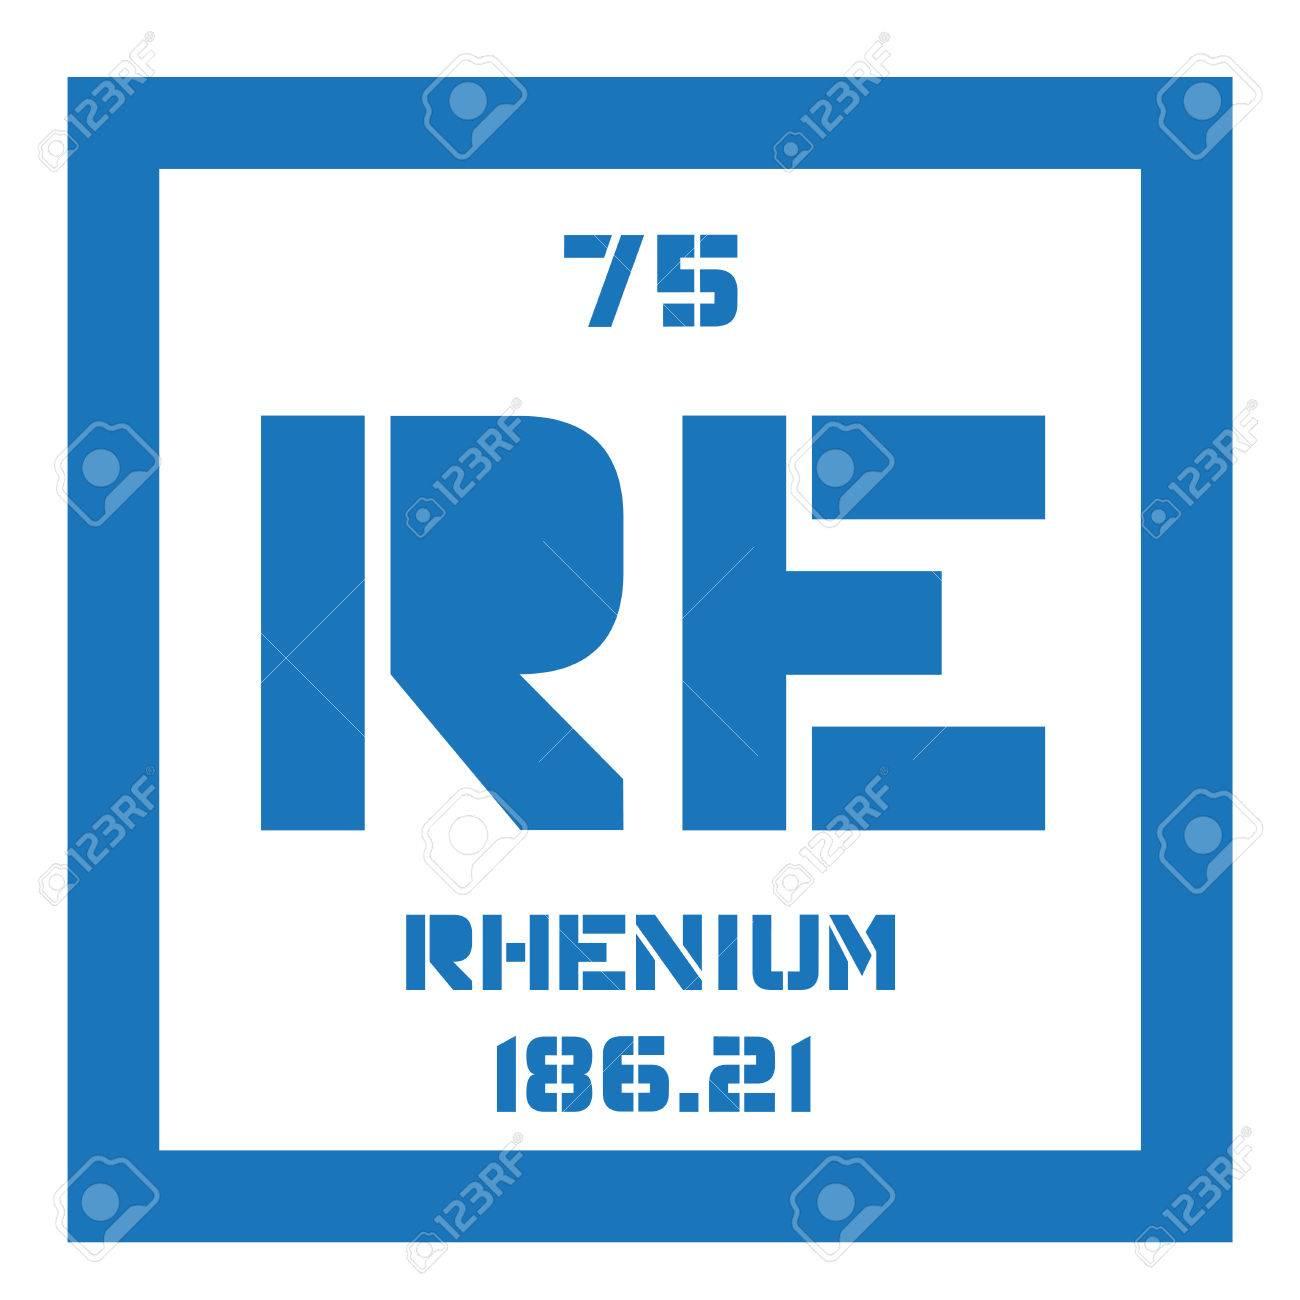 Il renio elemento chimico uno degli elementi pi rari della terra uno degli elementi pi rari della terra icona colorata con numero atomico e peso atomico elemento chimico della tavola periodica urtaz Images